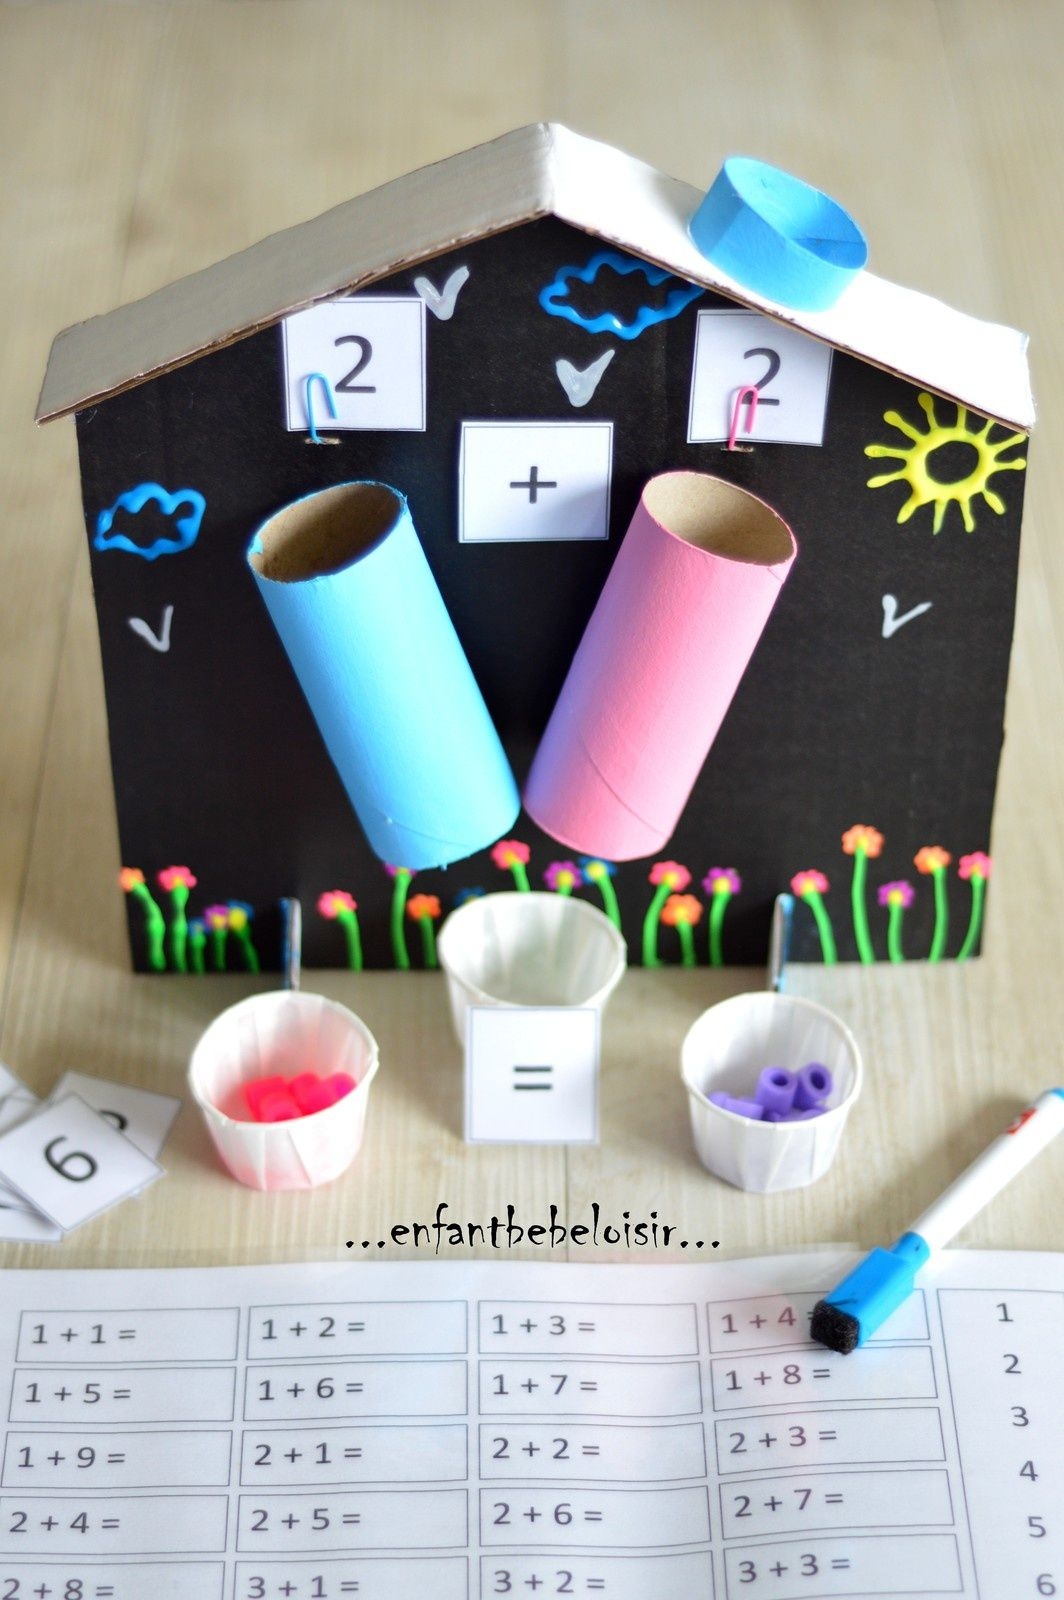 La Maison Des Additions - Maternelle Maths | Anaokulu serapportantà Addition Maternelle